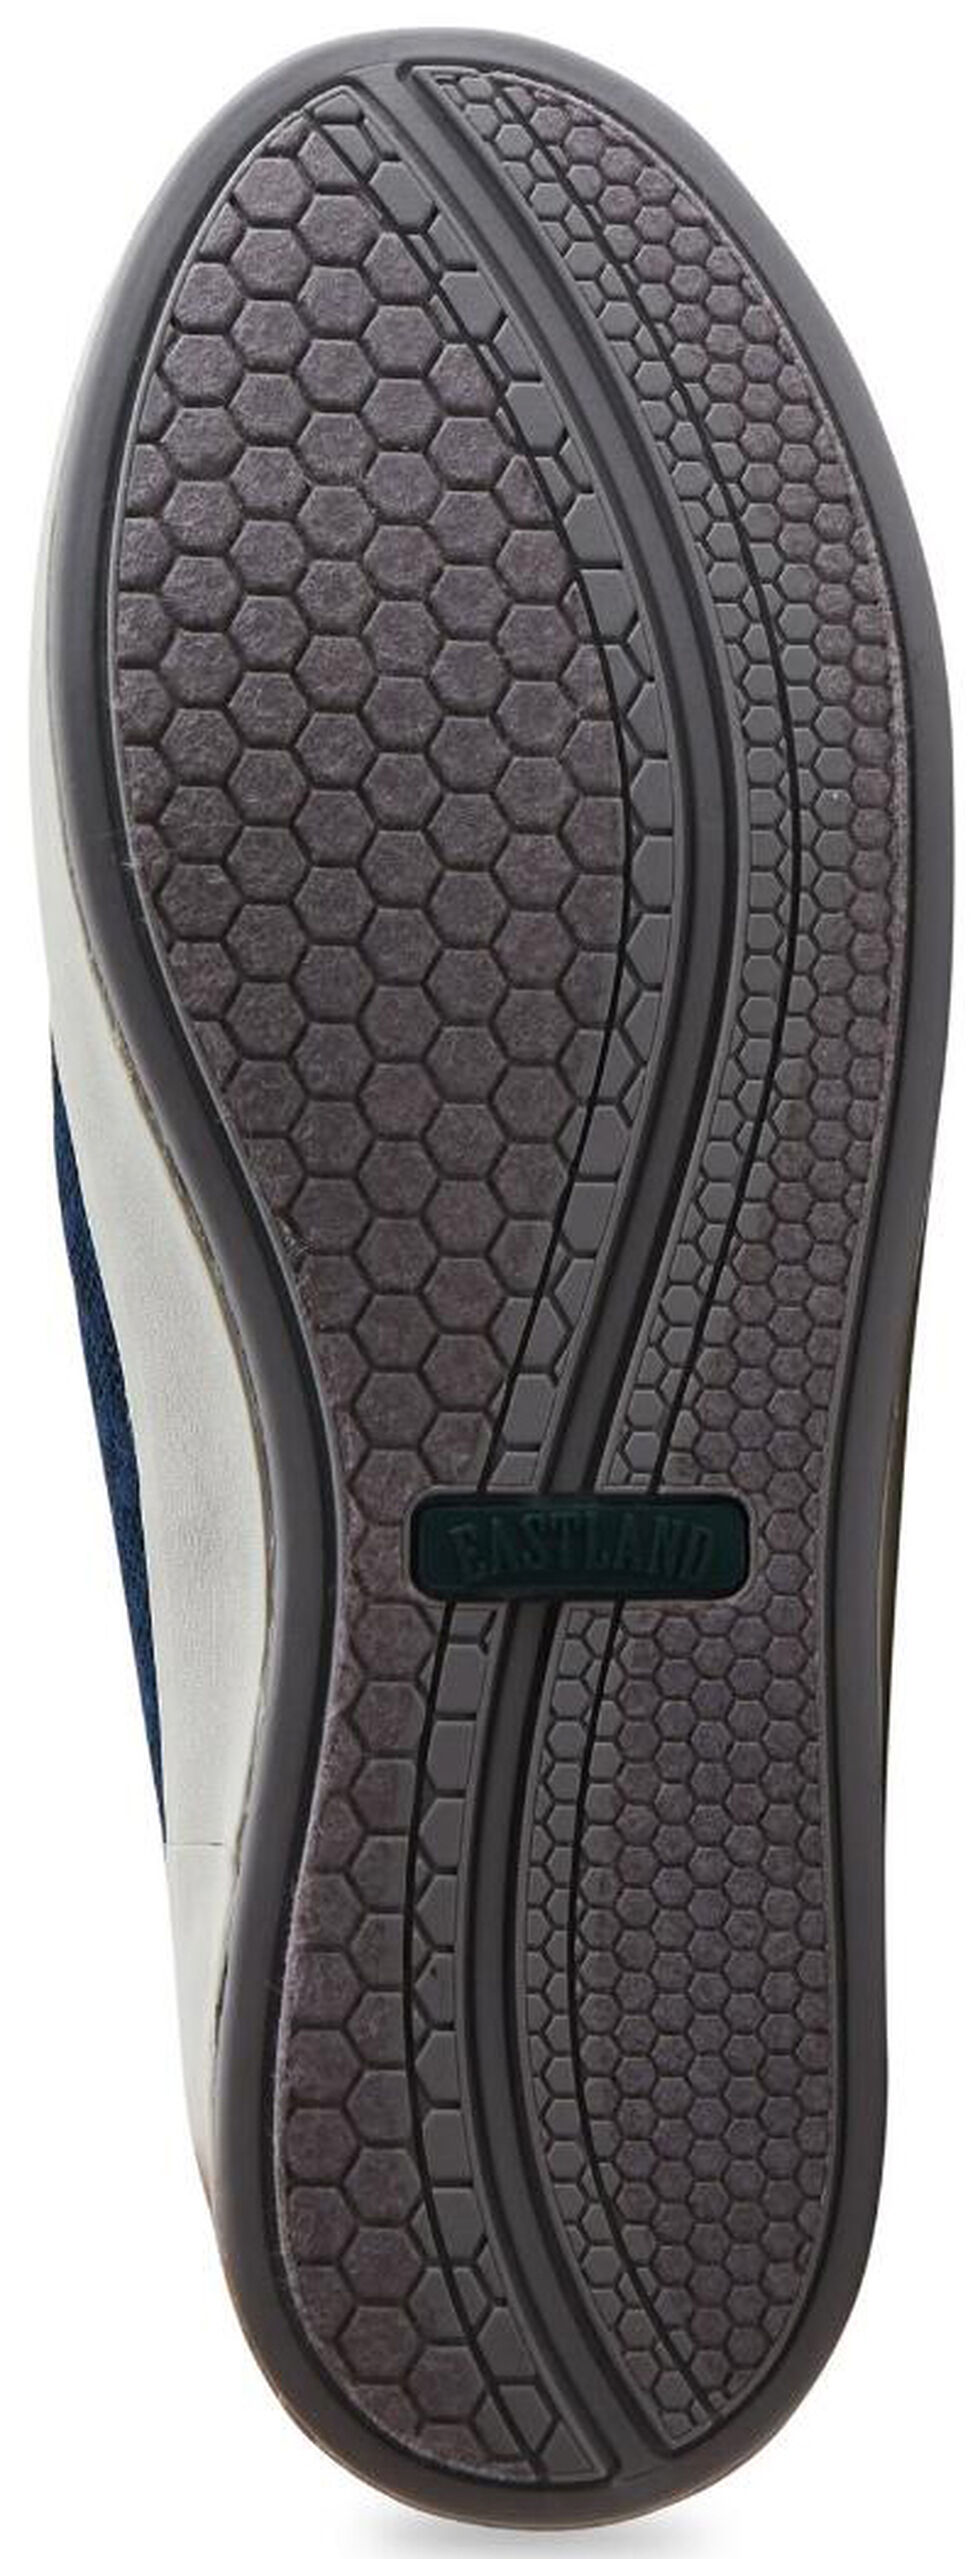 Eastland Women's Navy Breezy Slip-On Sneakers , Navy, hi-res